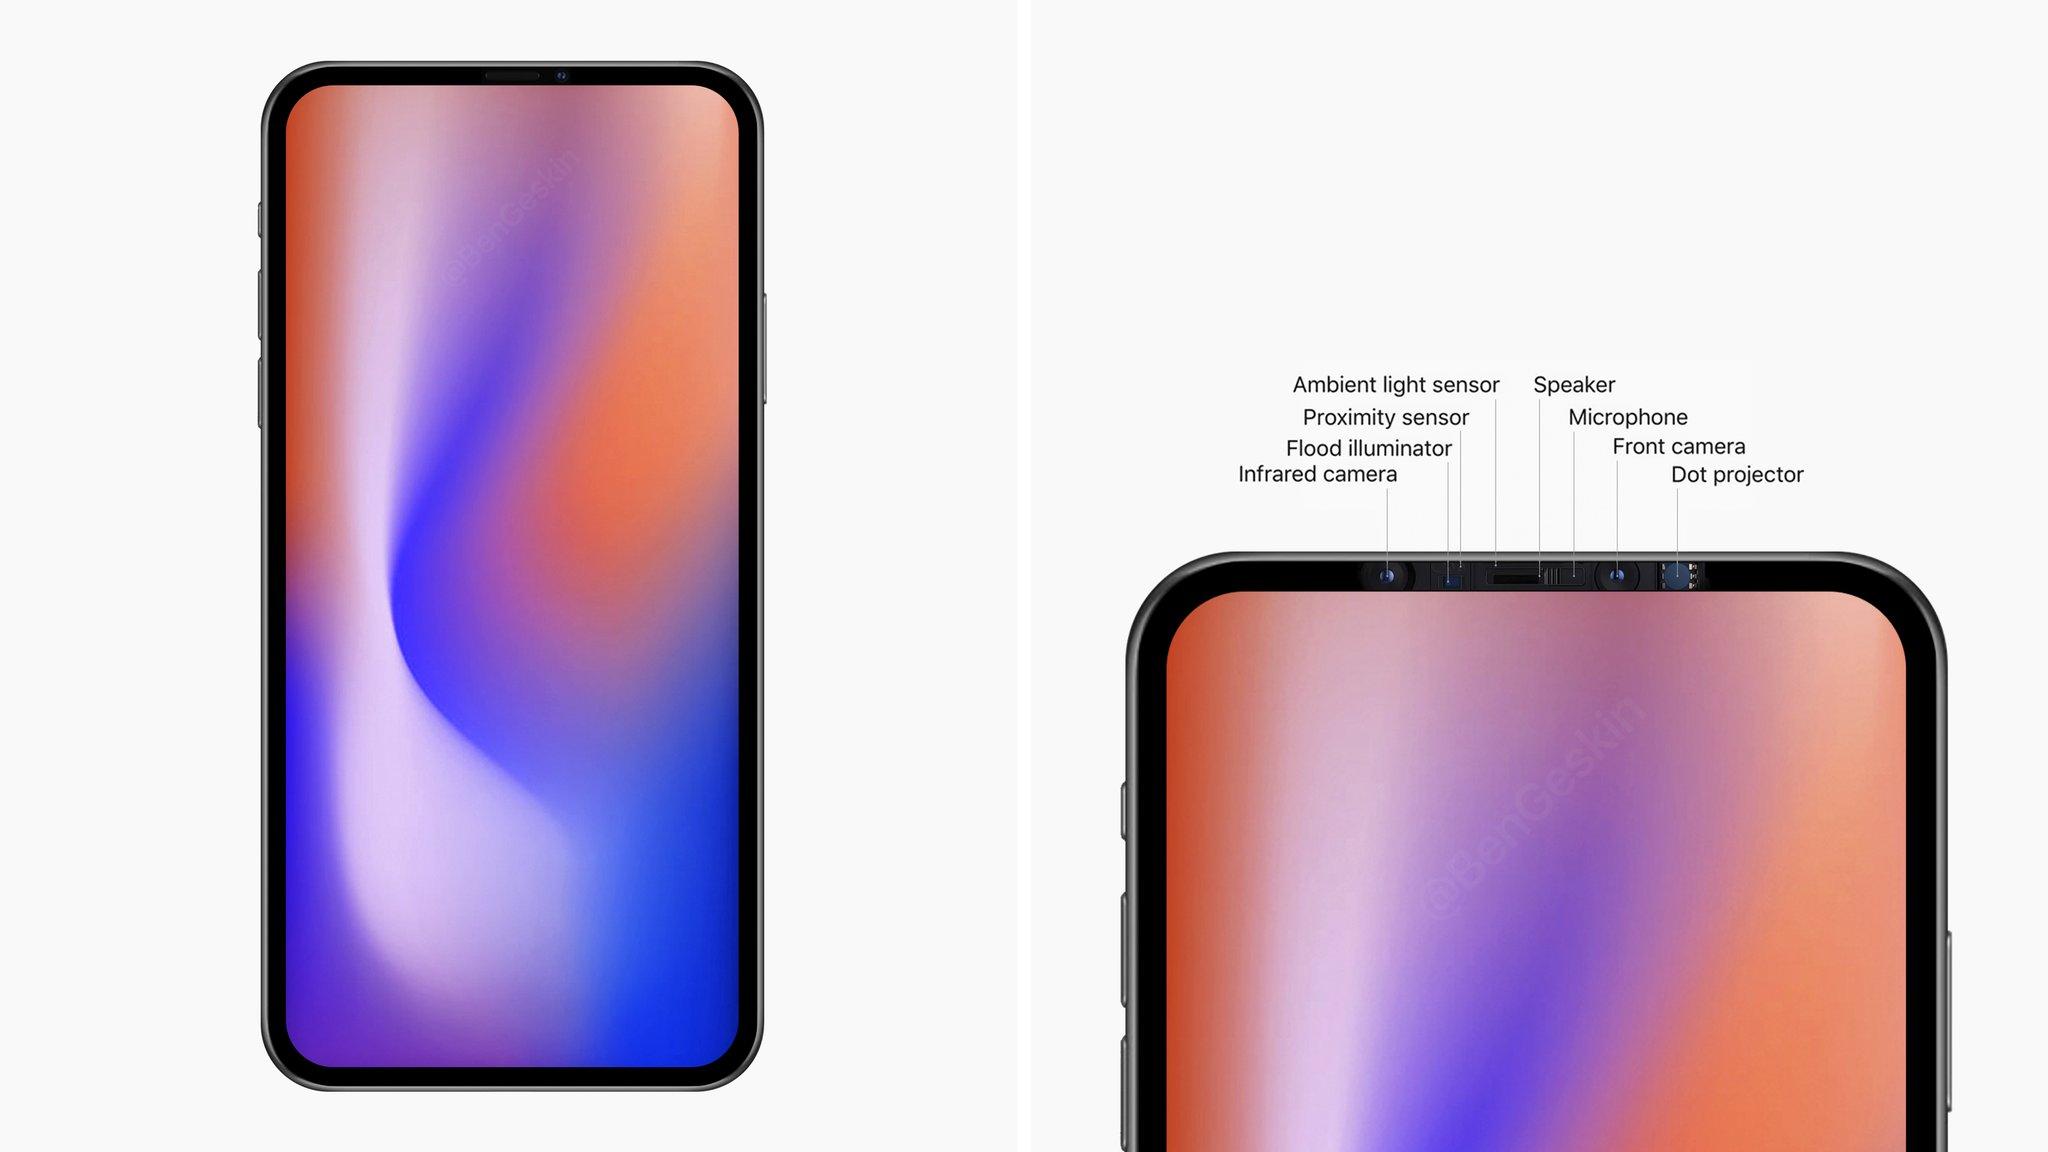 6.7 英寸 iPhone 原型机曝光:无刘海、Face ID 组件隐藏在顶部边框